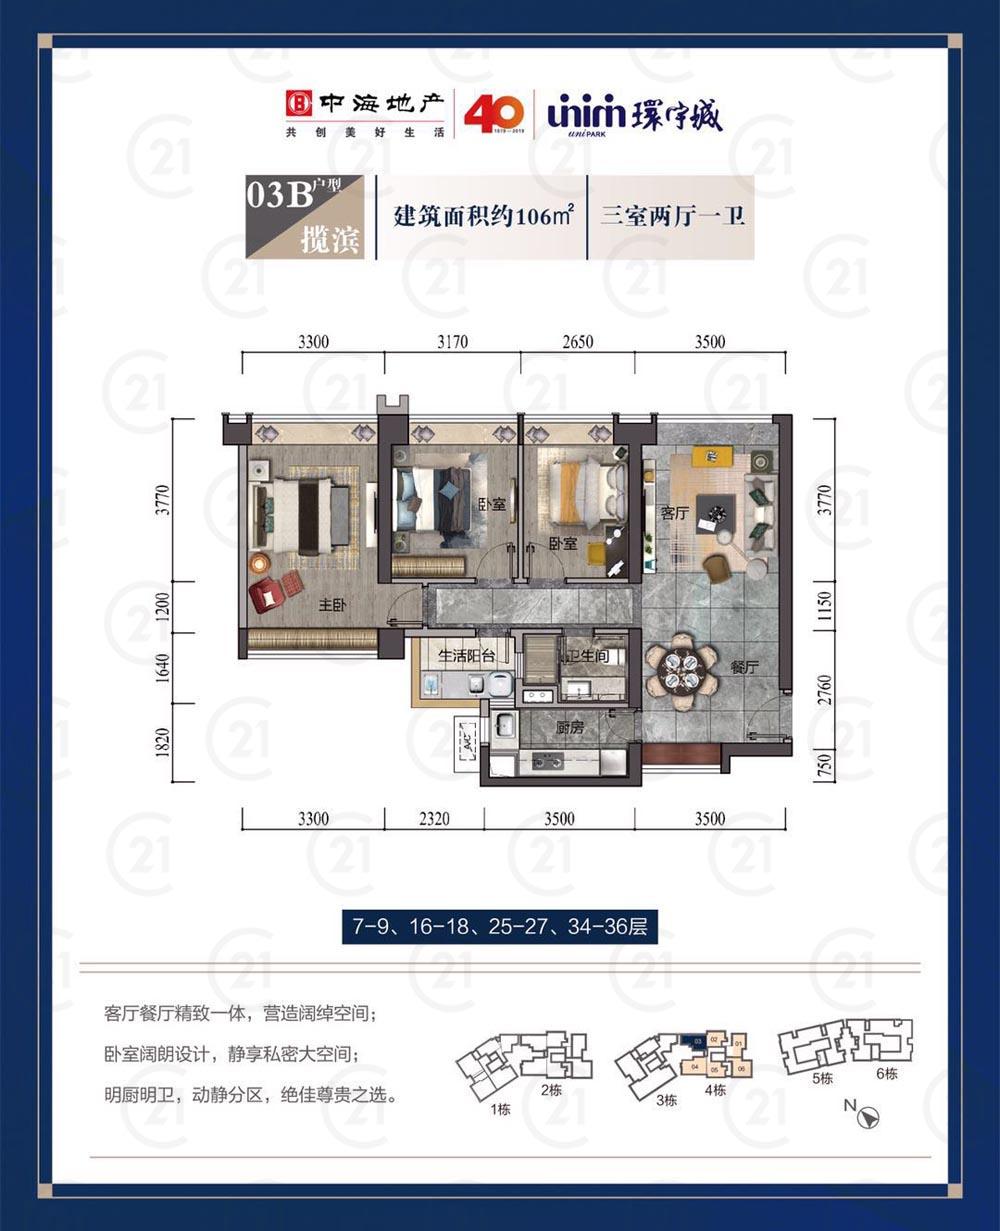 5中海环宇城-微信图片_20190603160608